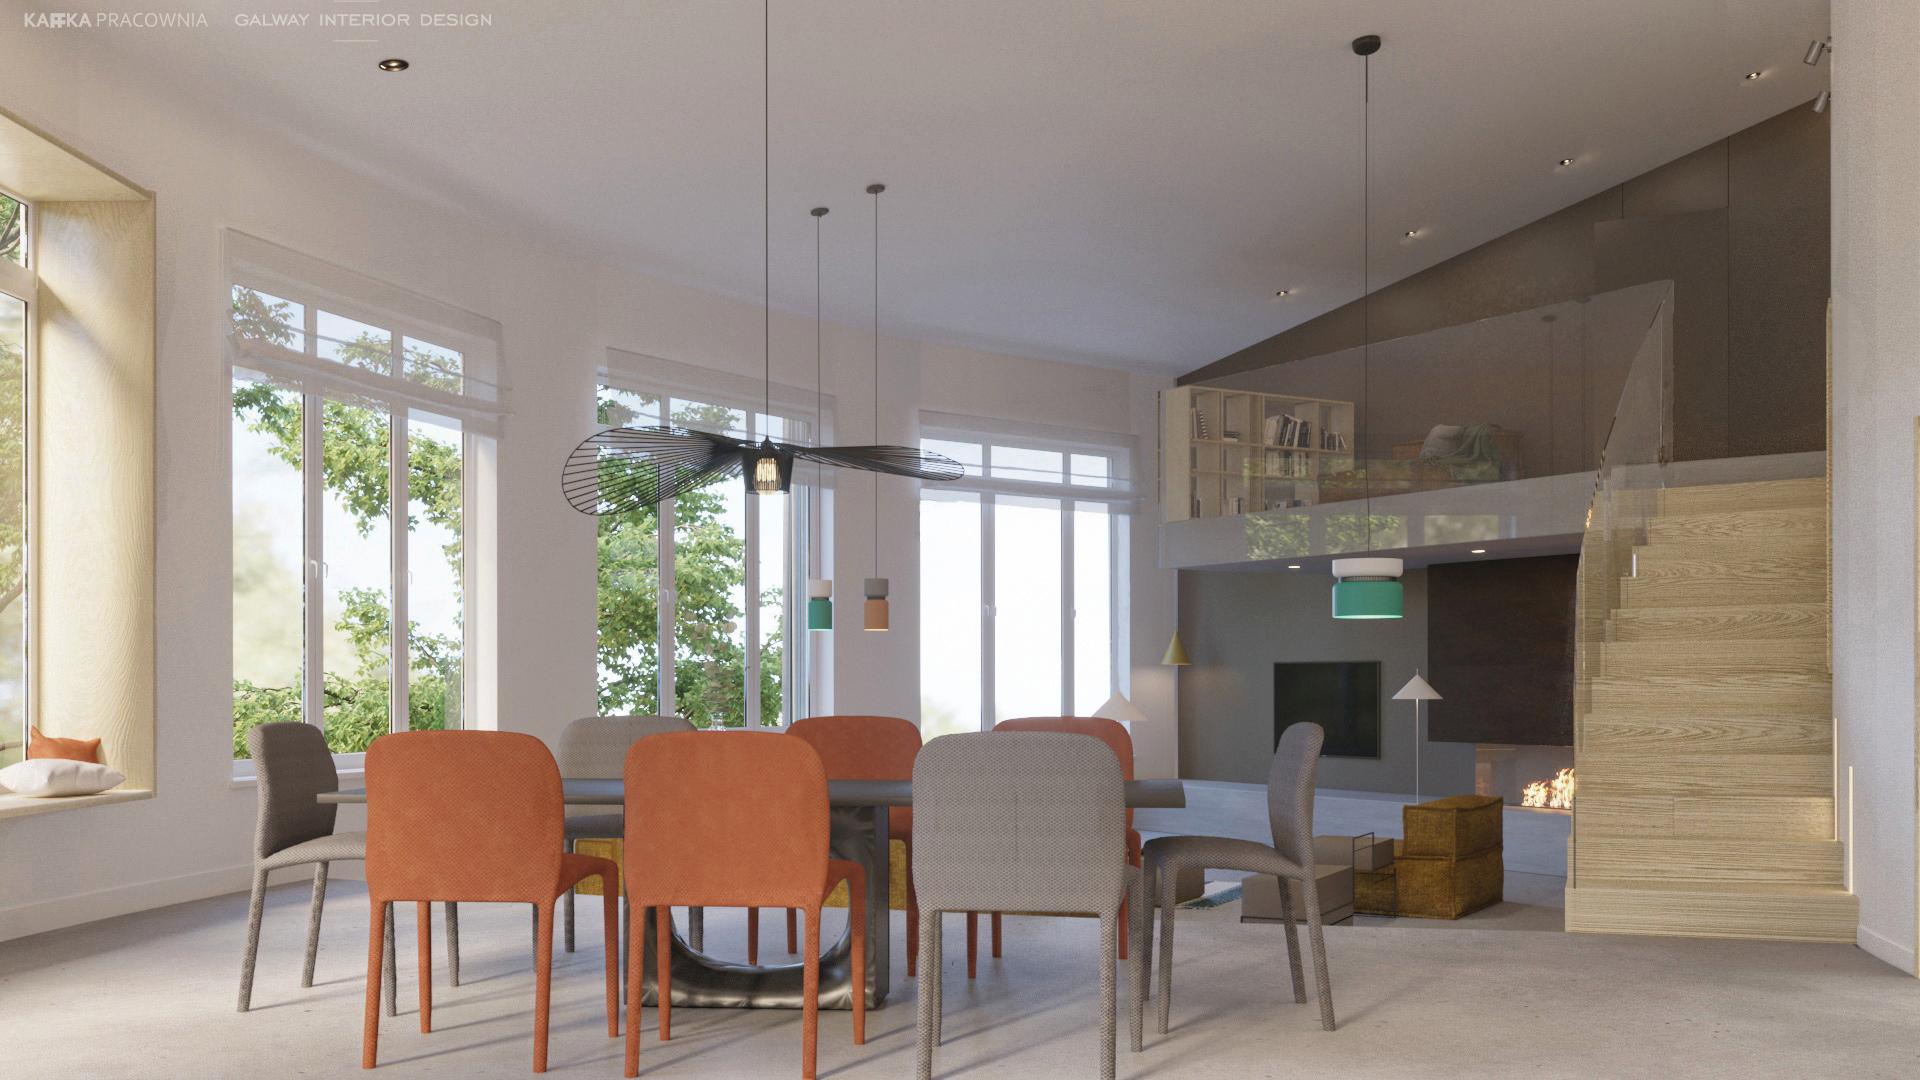 Galway Interior Design Open plan Living Room